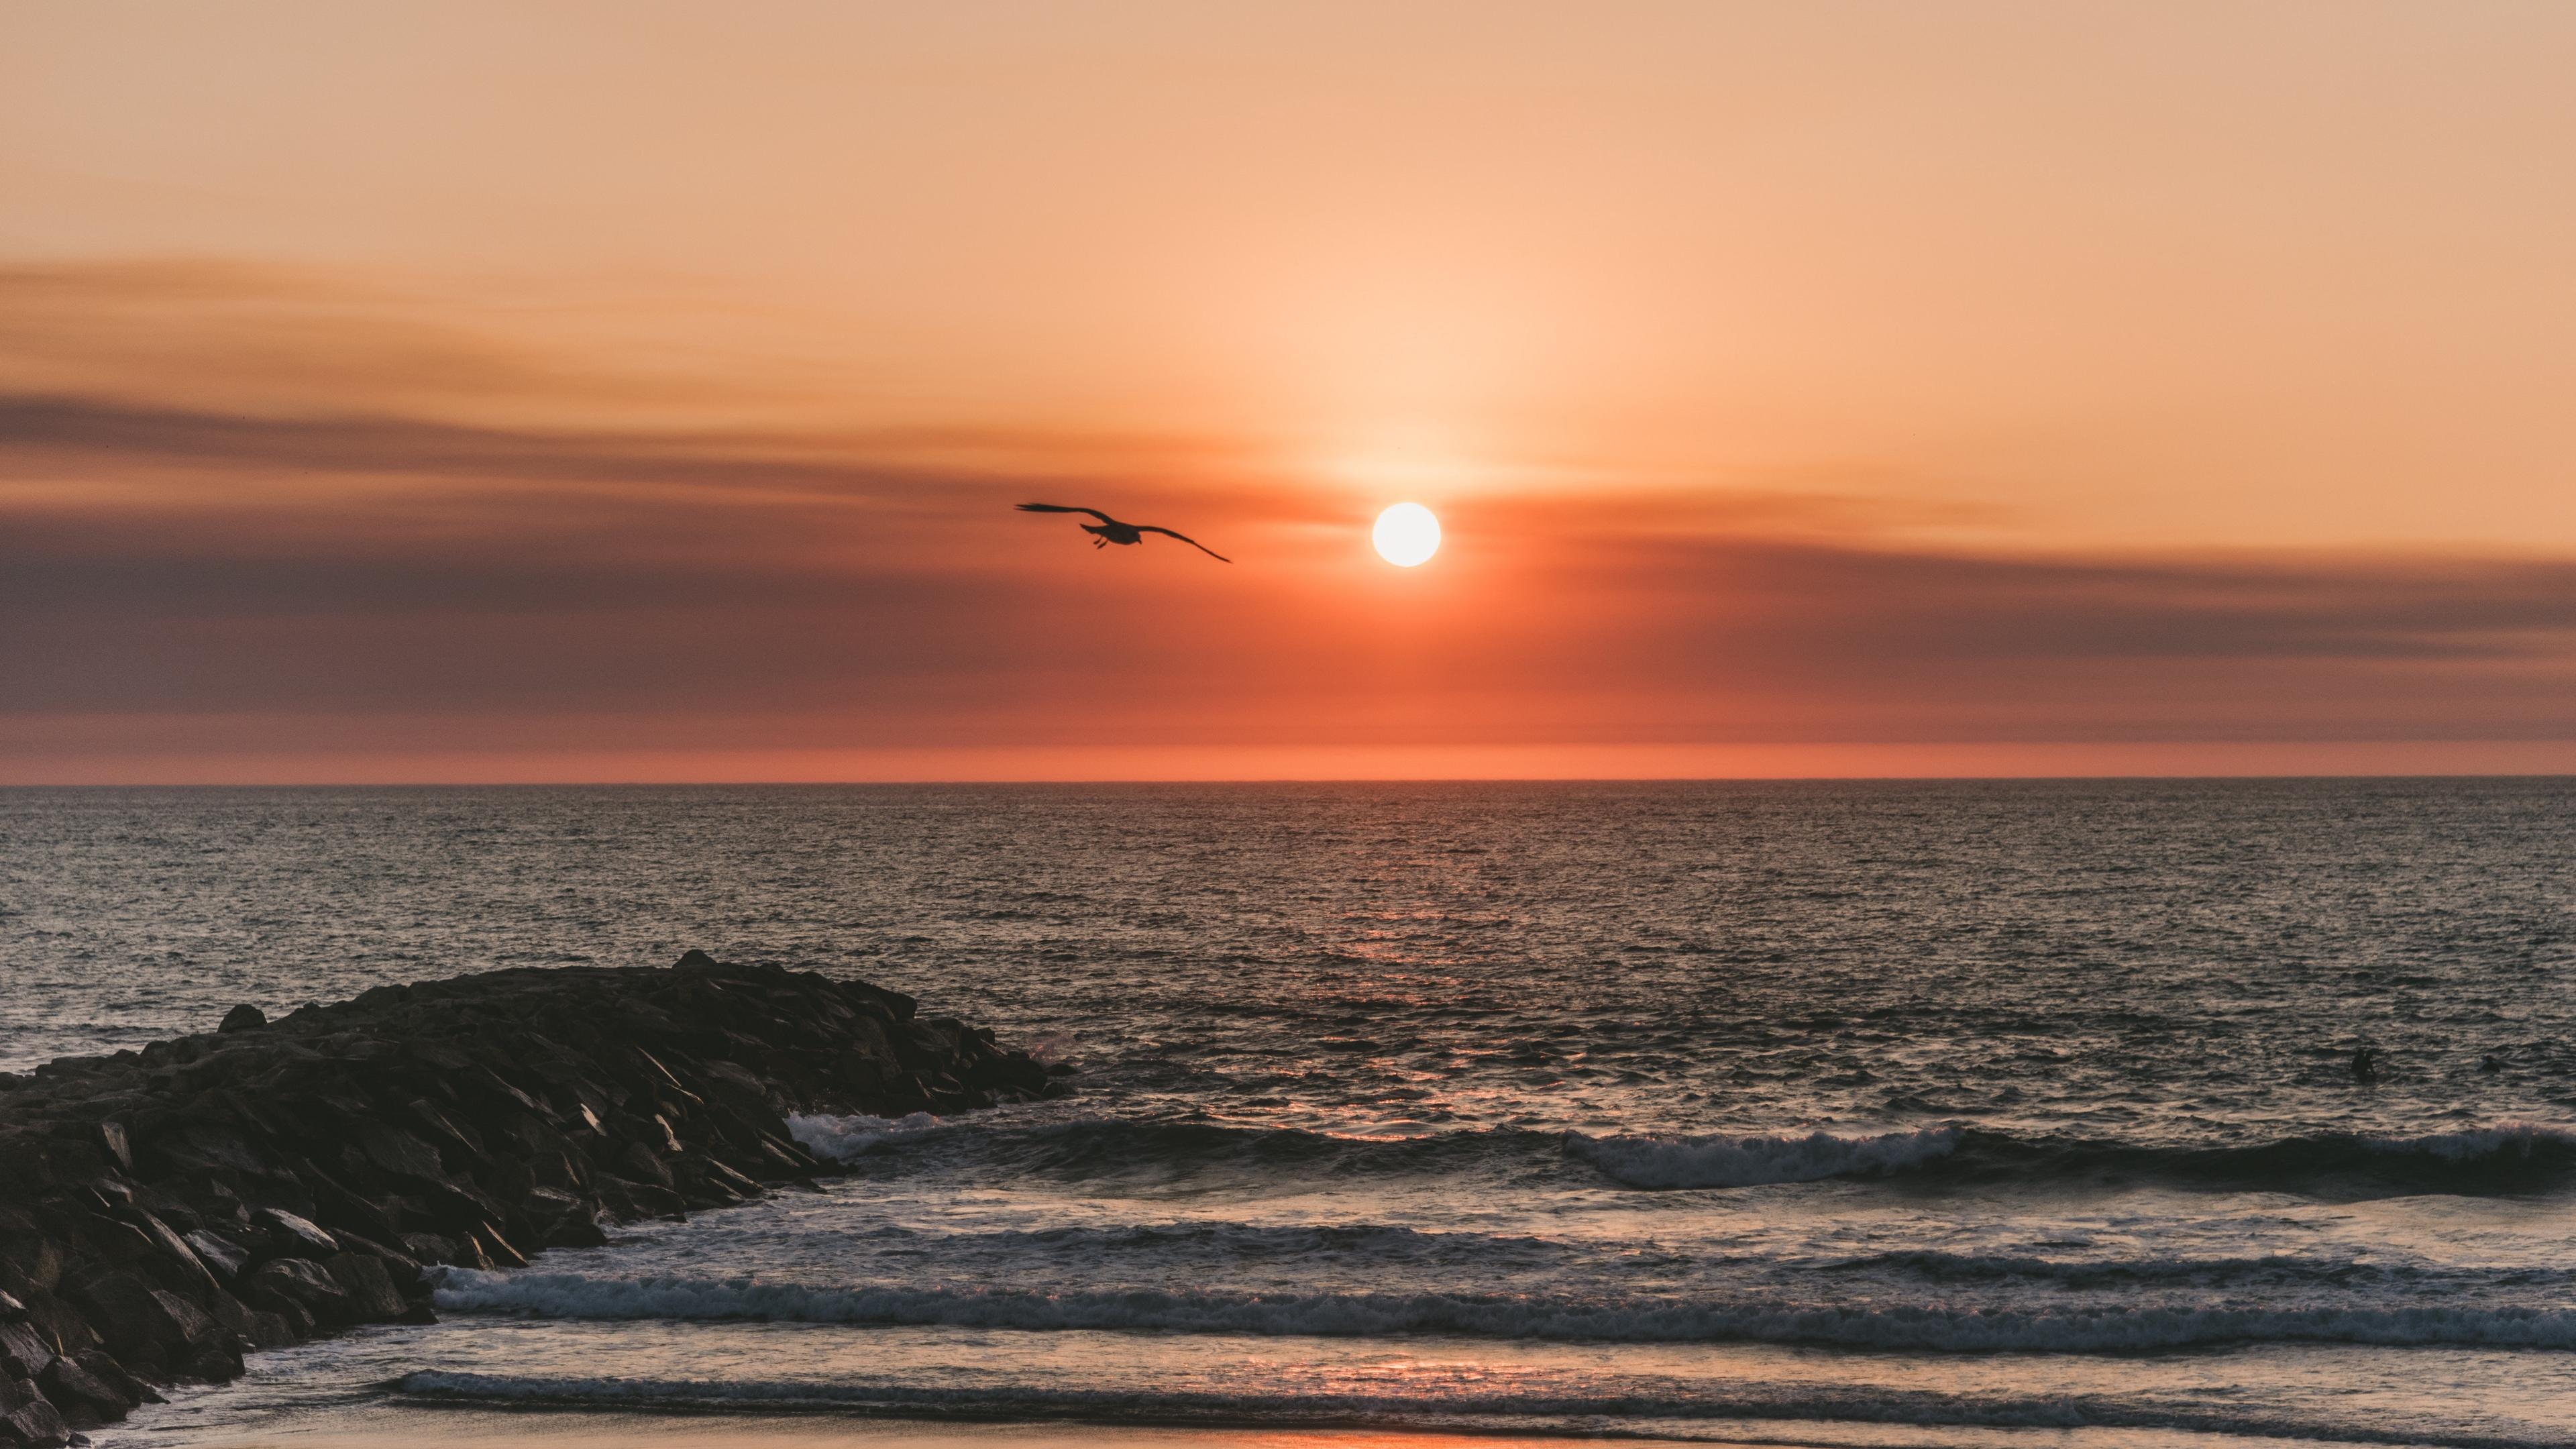 bird sea flight sunset 4k 1541115091 - bird, sea, flight, sunset 4k - Sea, Flight, Bird